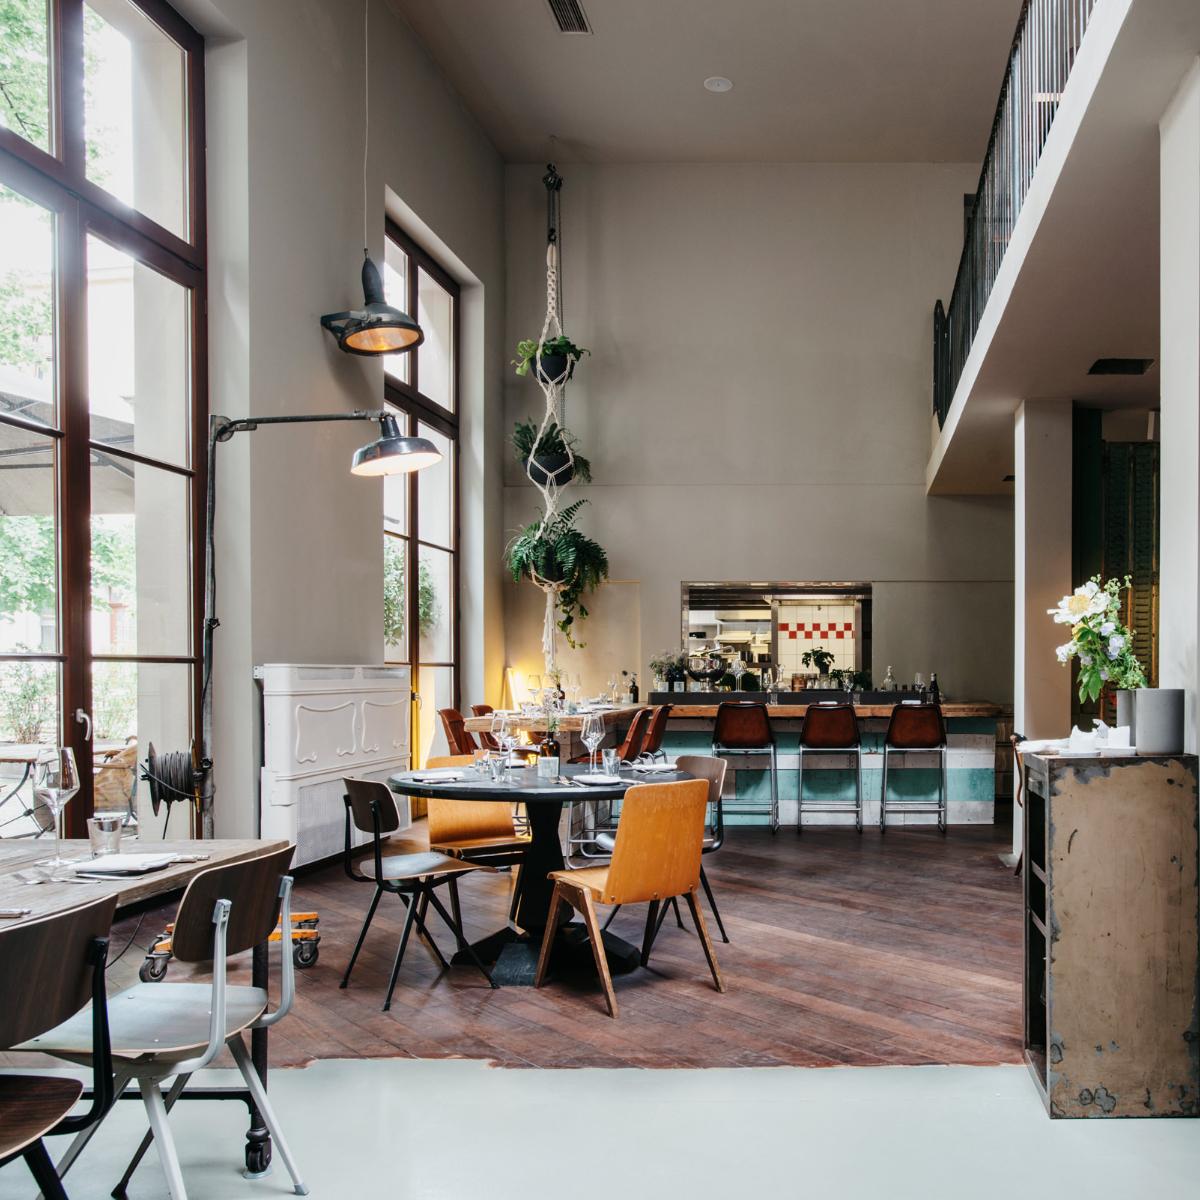 Kink Bar & Restaurant by Lee Edwards  (7)